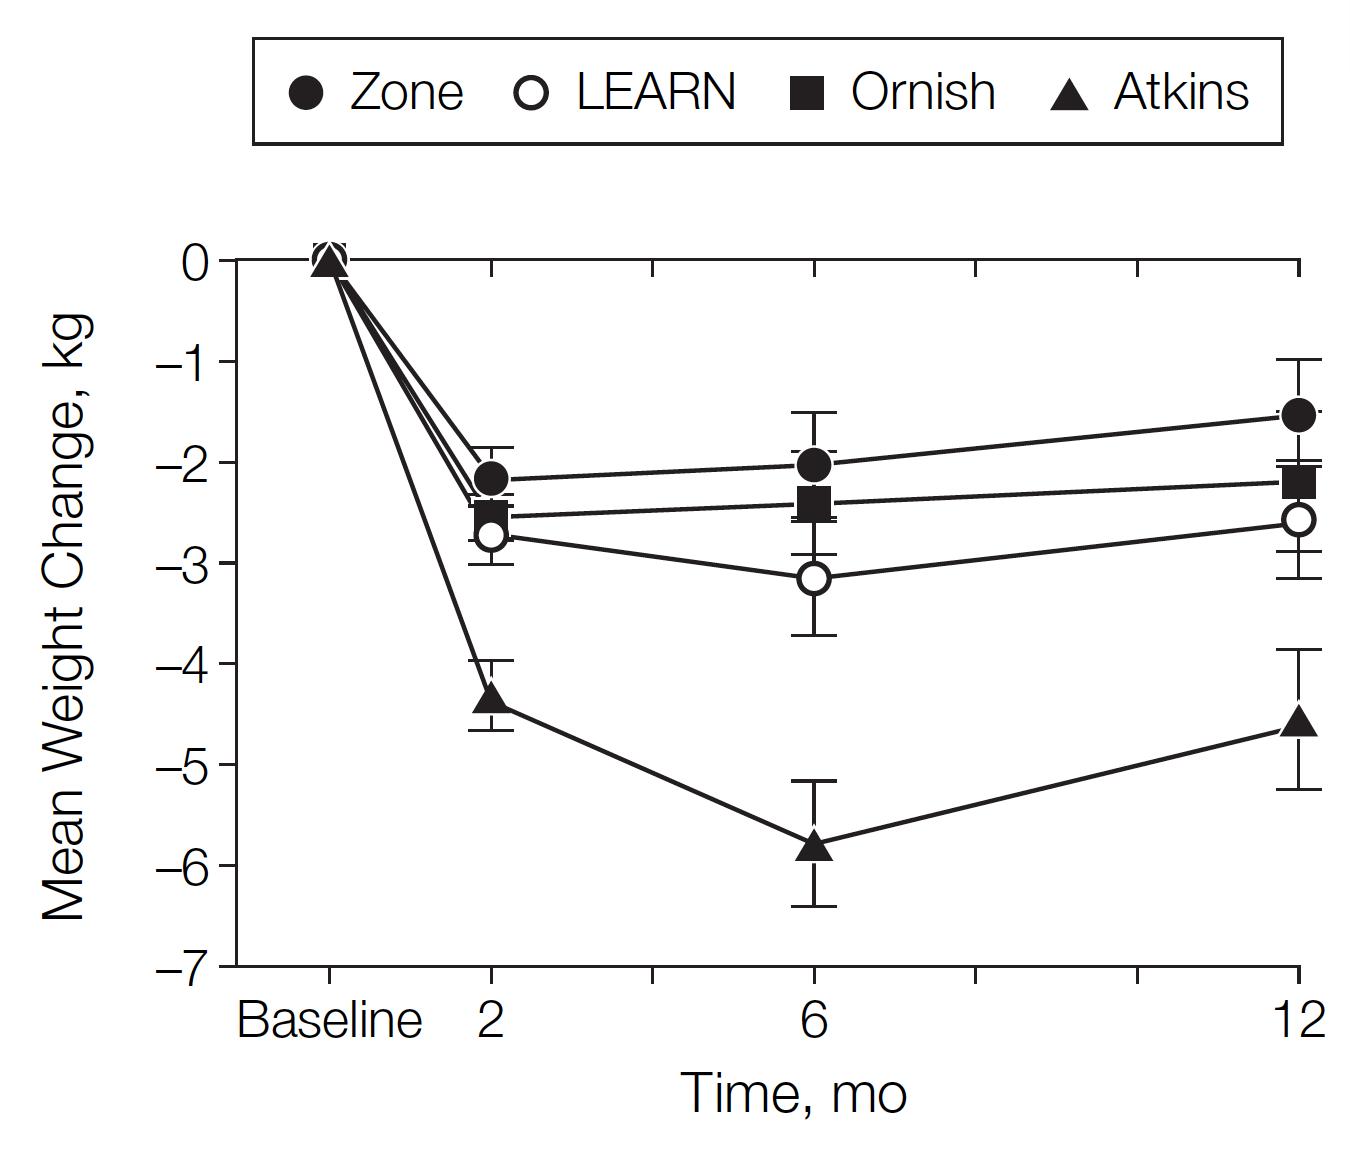 Viktnedgång med Atkins diet (LCHF), Ornish, Zone och LEARN